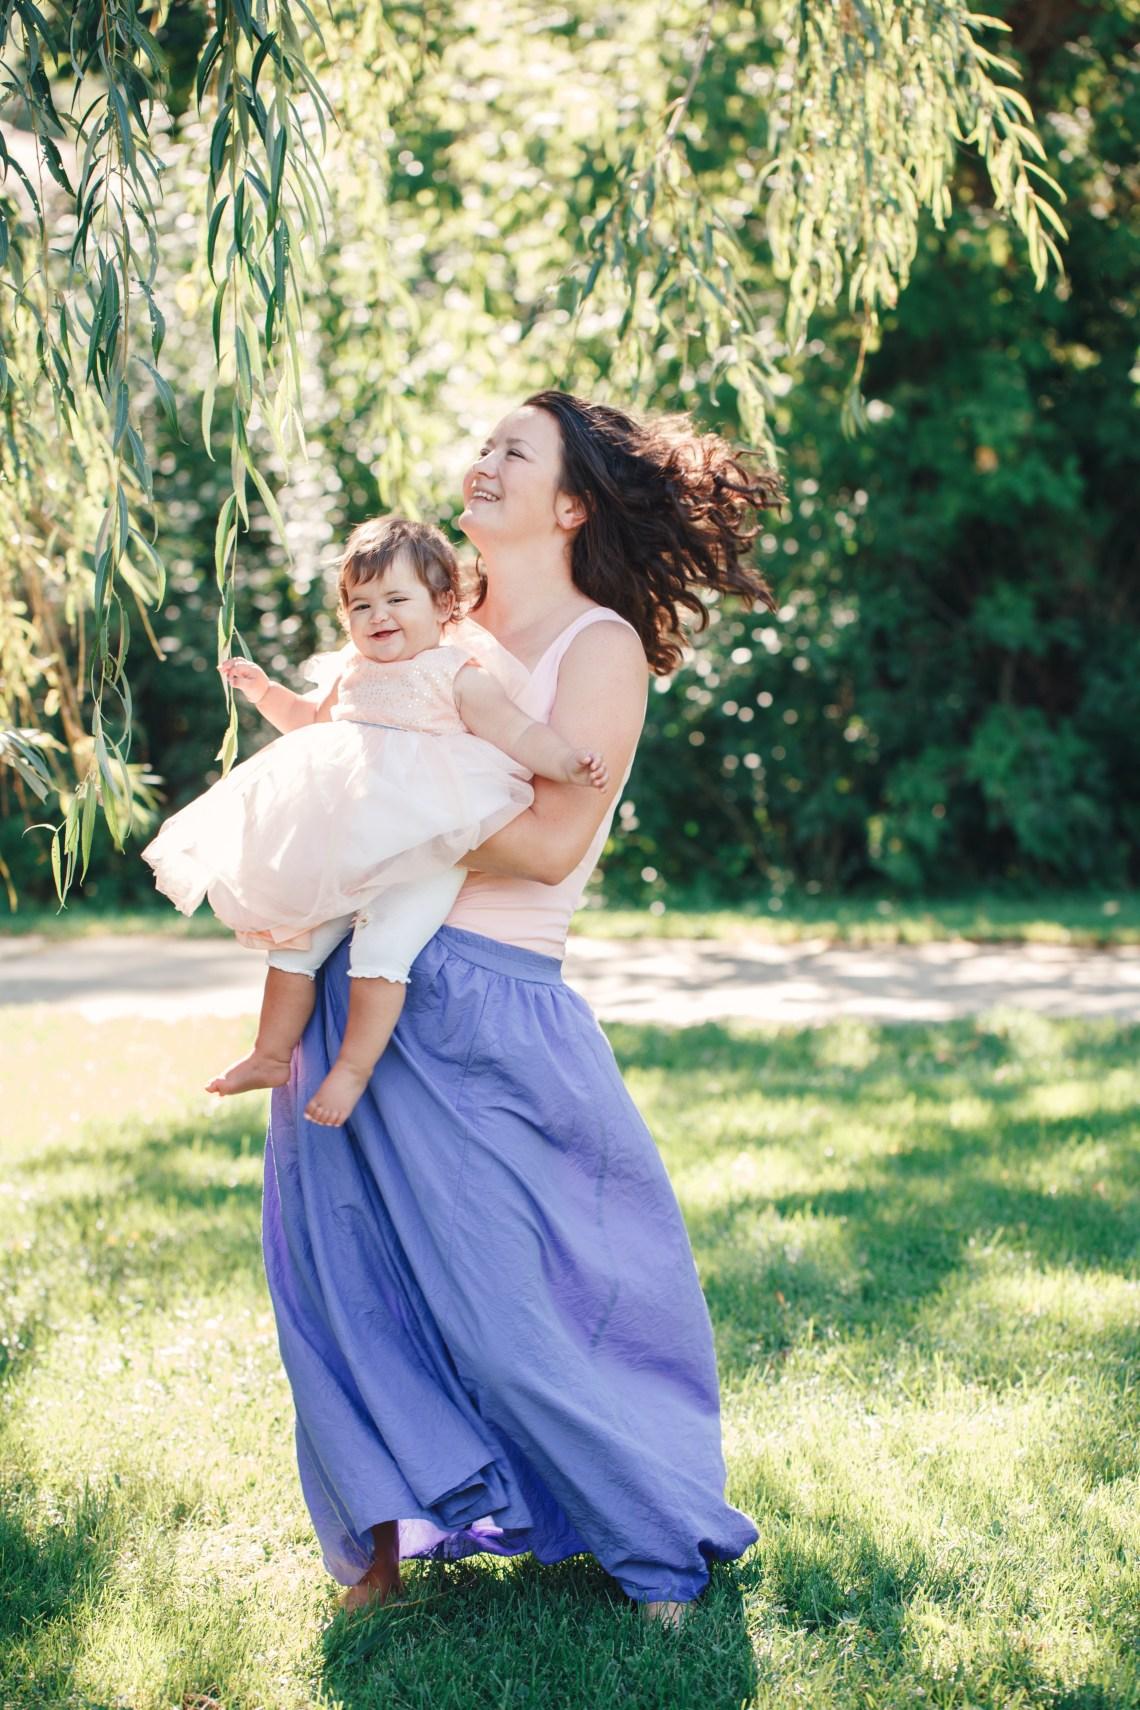 認識嬰兒大肌肉發展 | MAMAGREENIA媽媽跟妳的教育空間